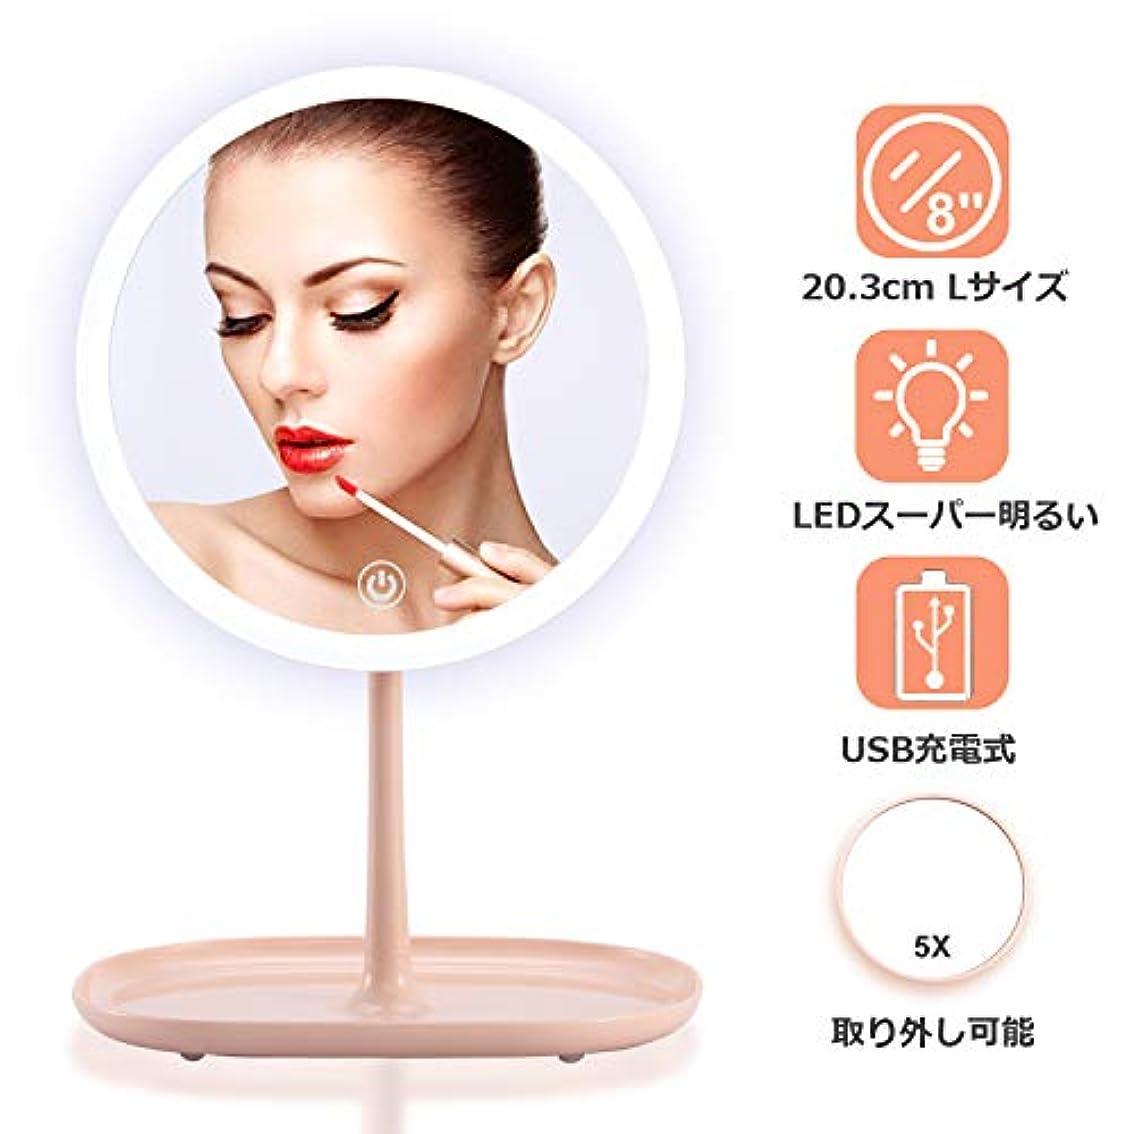 グラス超越するラメ化粧鏡 卓上ミラー 女優ミラー LEDミラー スタンドミラー USB充電式 5倍拡大鏡付き 明るさ階調節可能 90°回転 鏡面Φ203mm